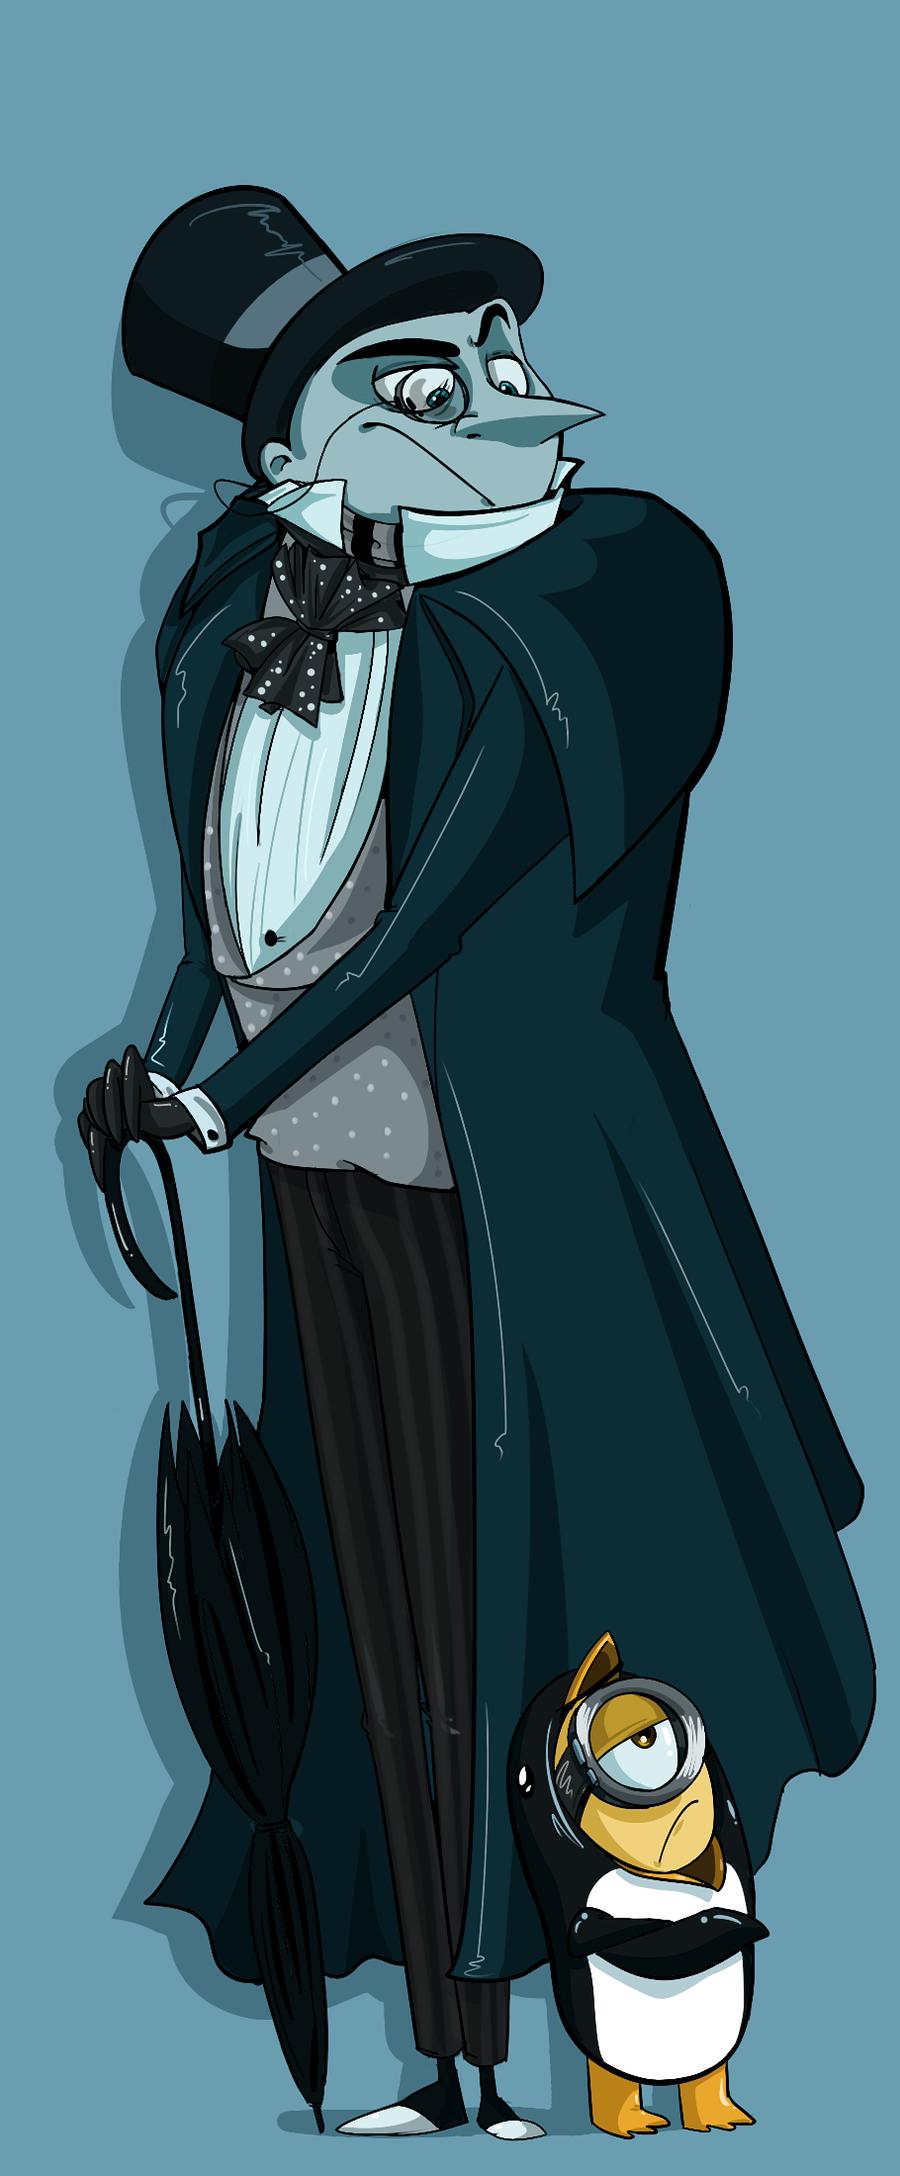 Gru As The Penguin (Despicable Me Batman Returns) Interesting Combination